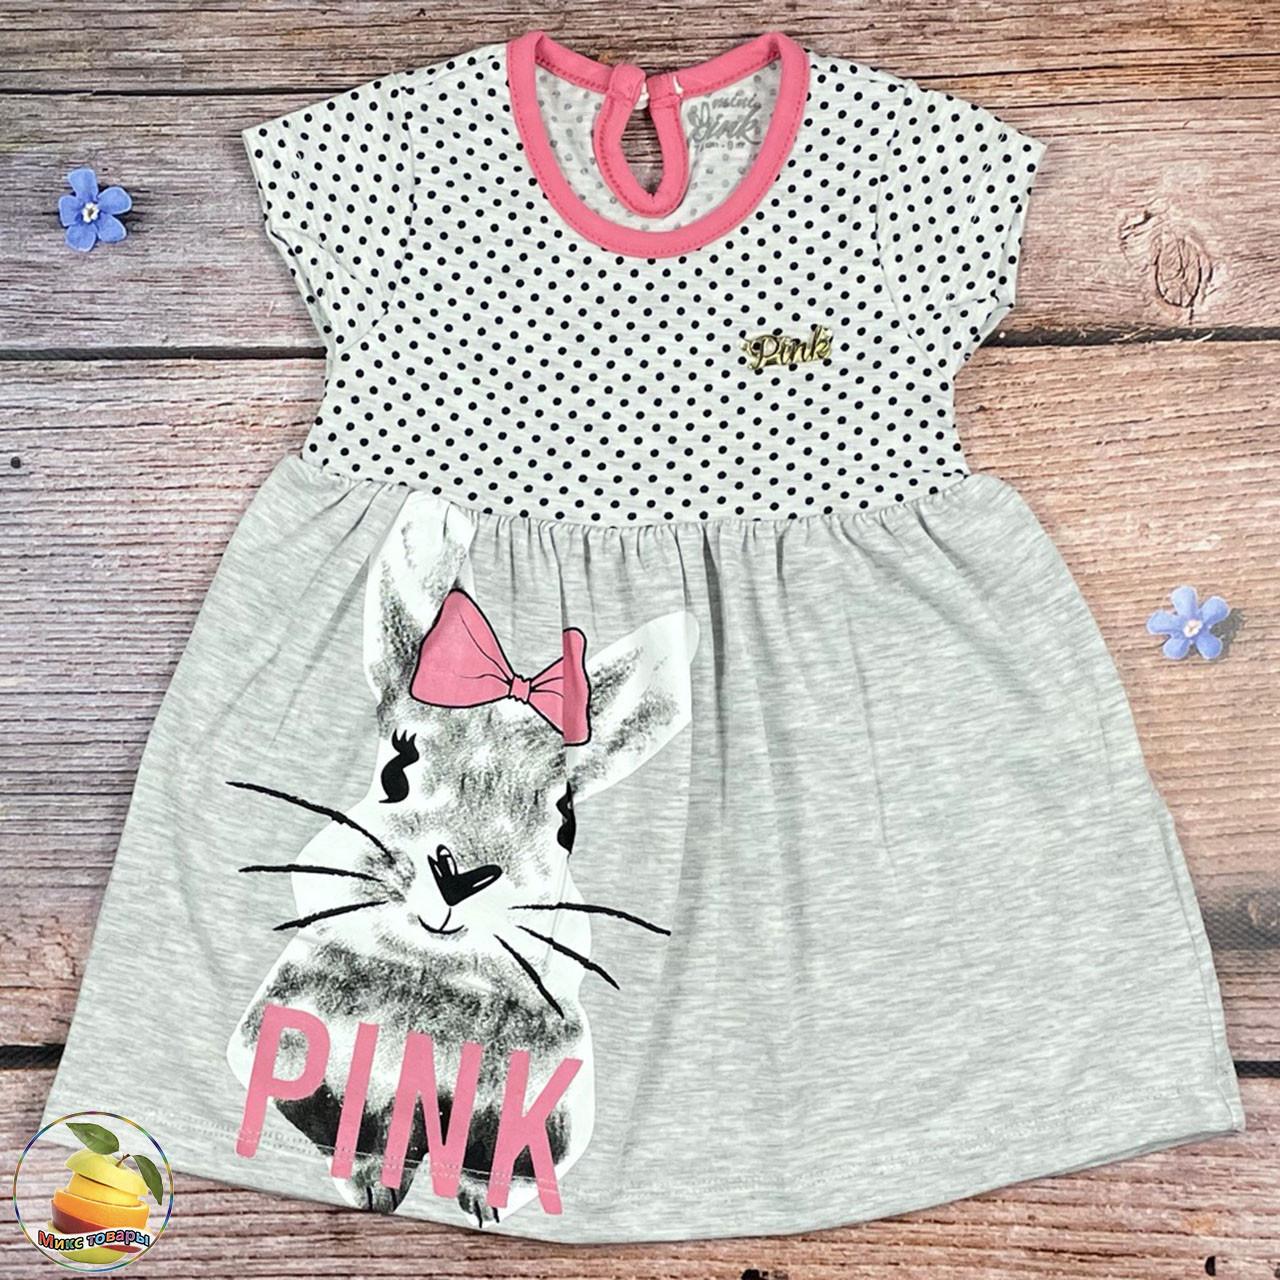 """Літнє плаття для дівчинки """"Pink"""" Розміри: 9,12,18,24 місяці (01842-2)"""